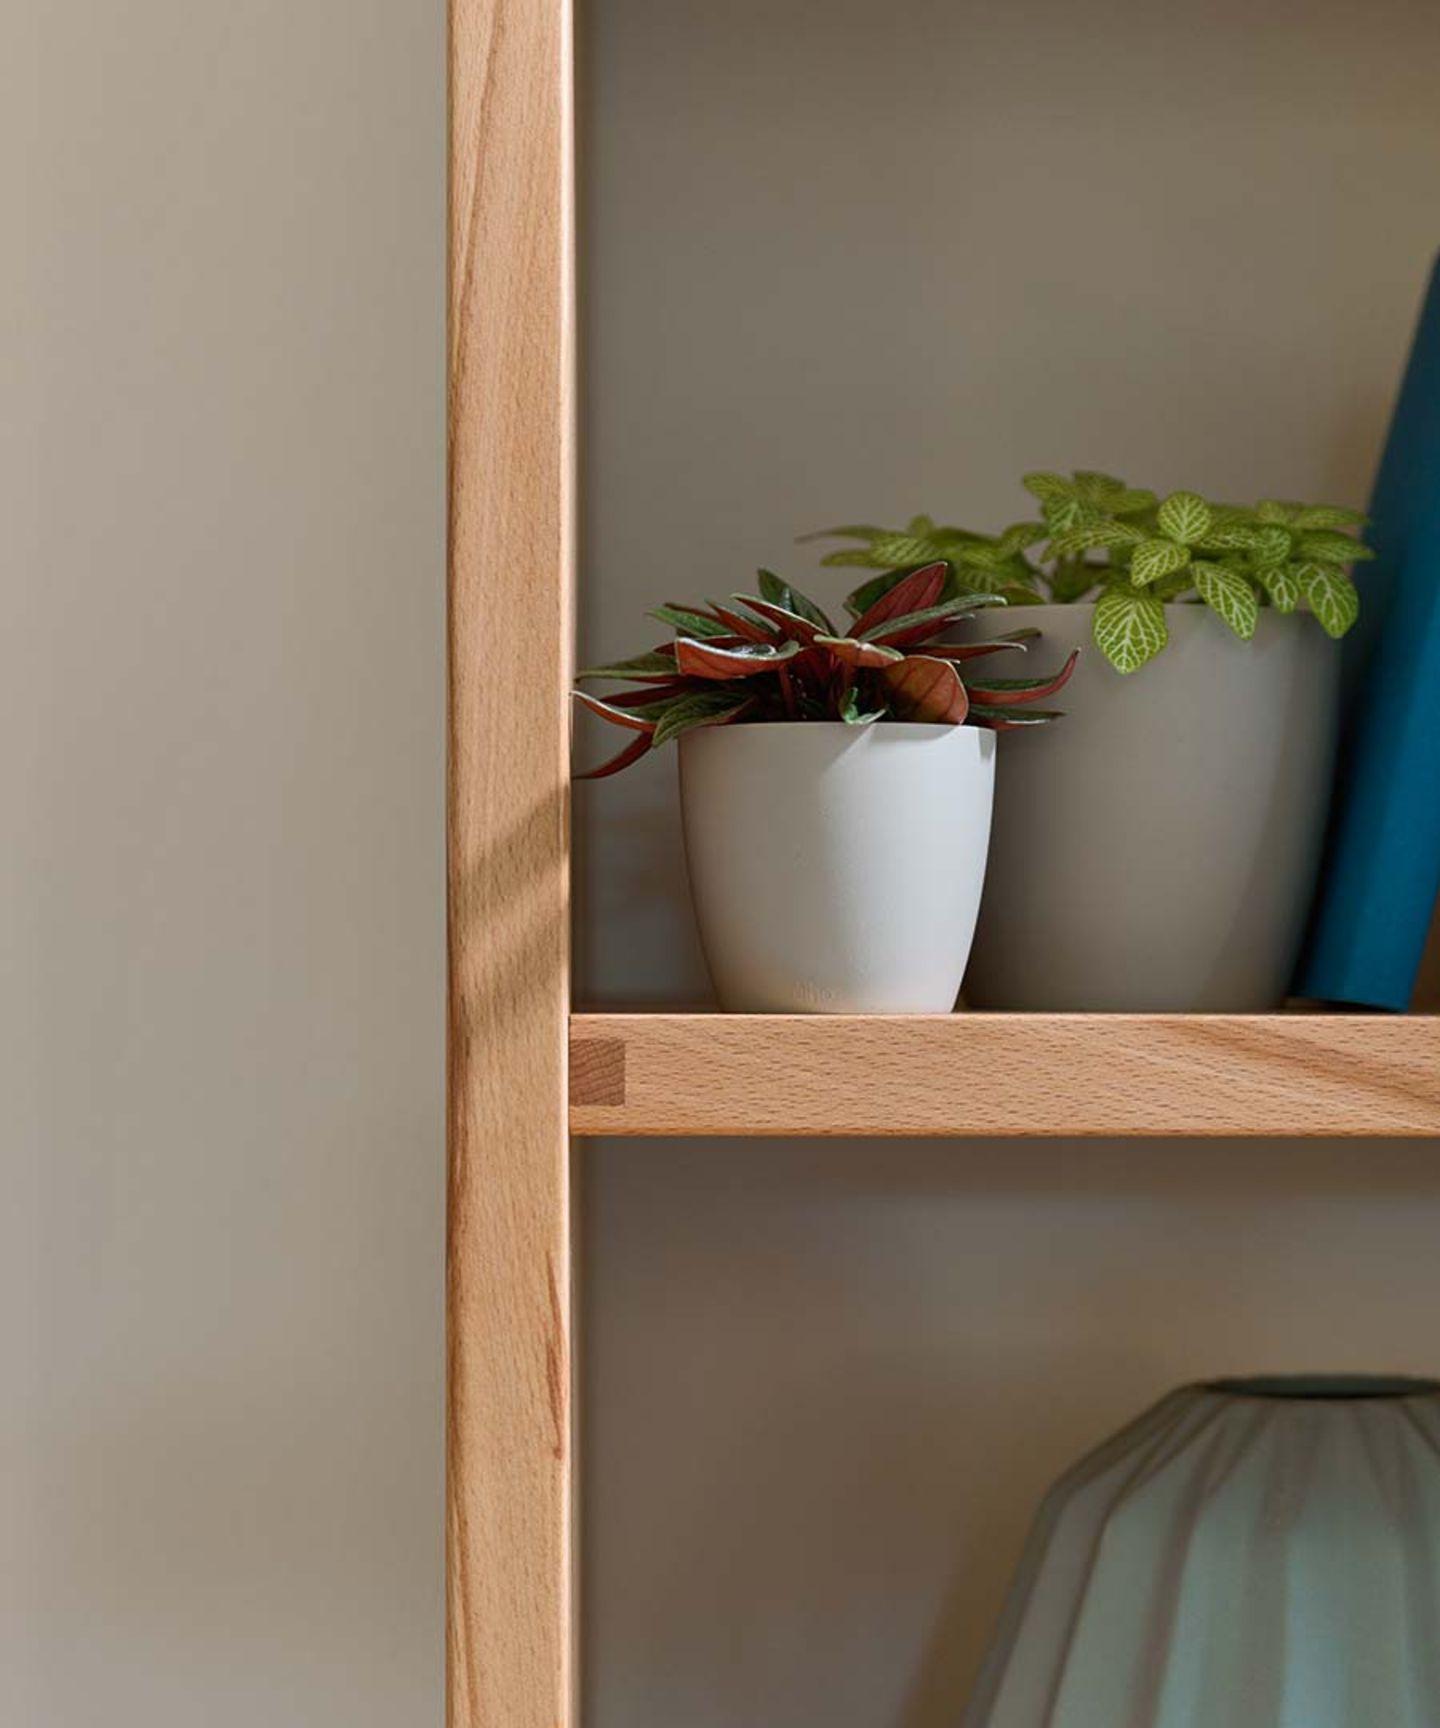 Wohnwand cubus aus Massivholz mit Liebe zum Handwerk gefertigt